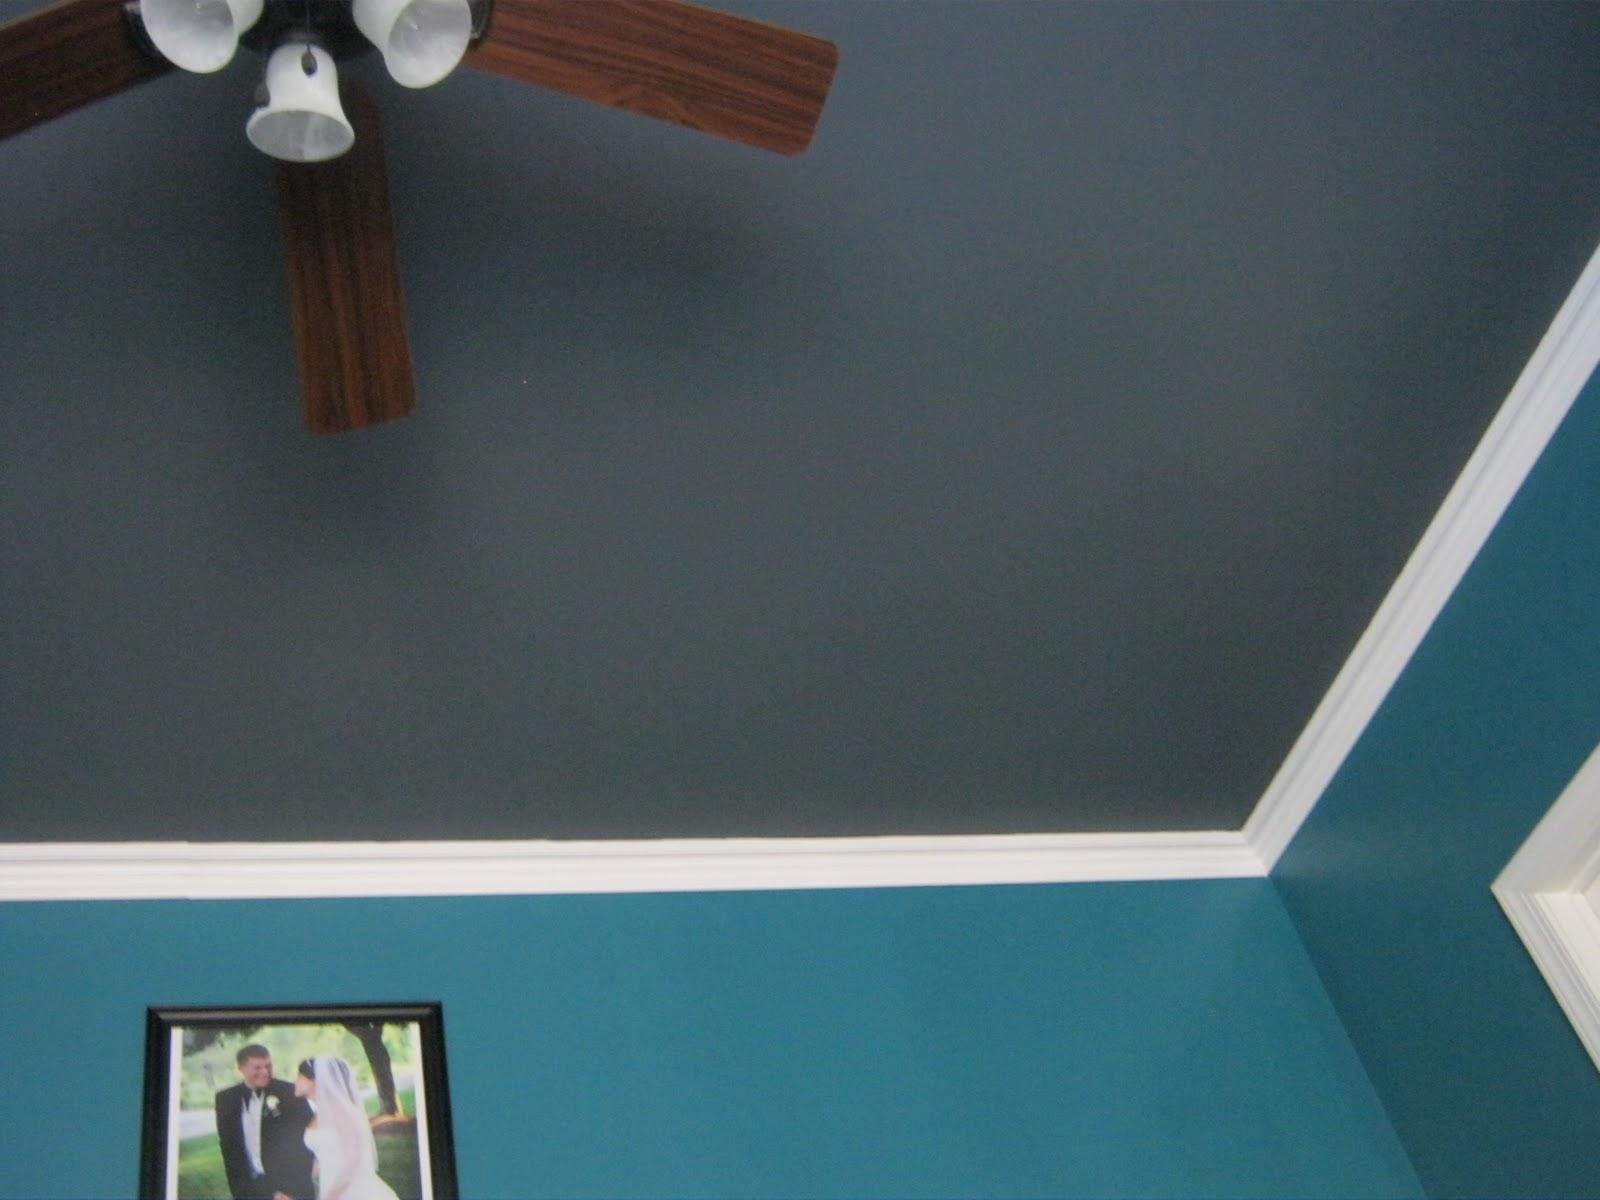 Плинтус на потолок - когда нужен плинтус, что выбрать 26